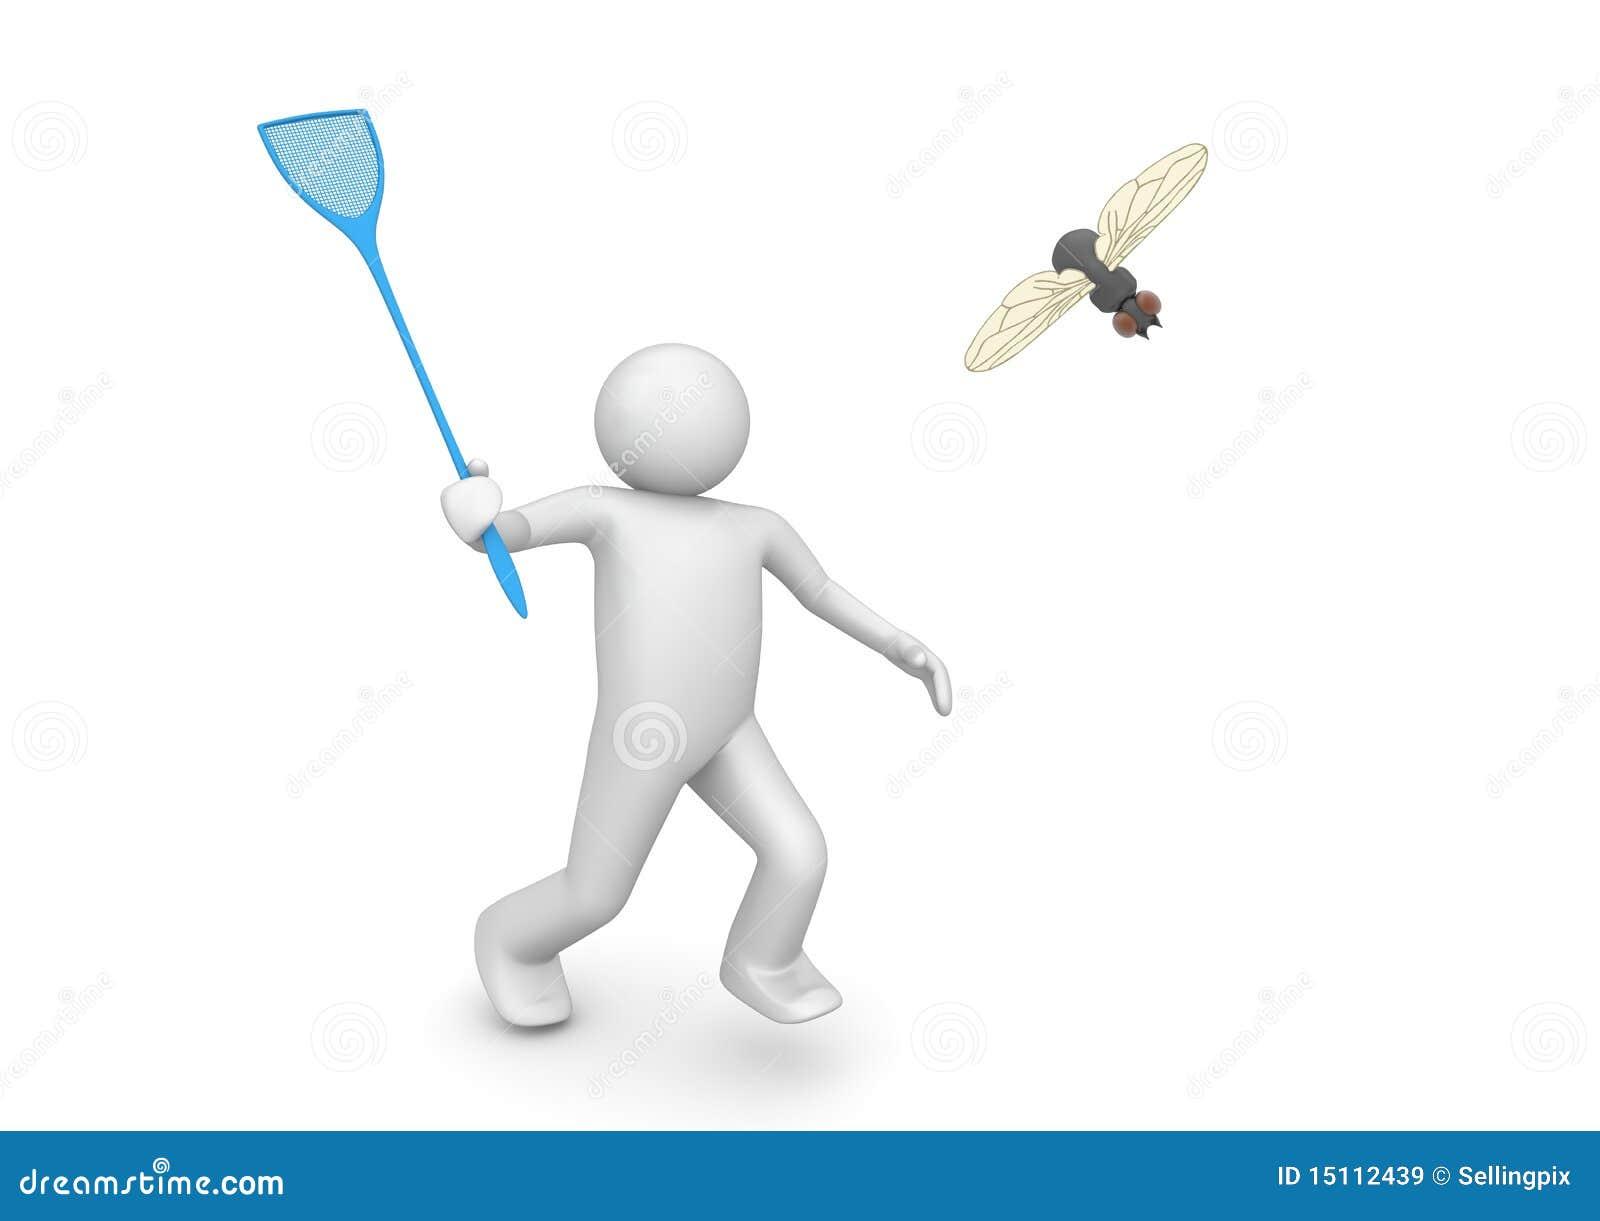 Flyswatter